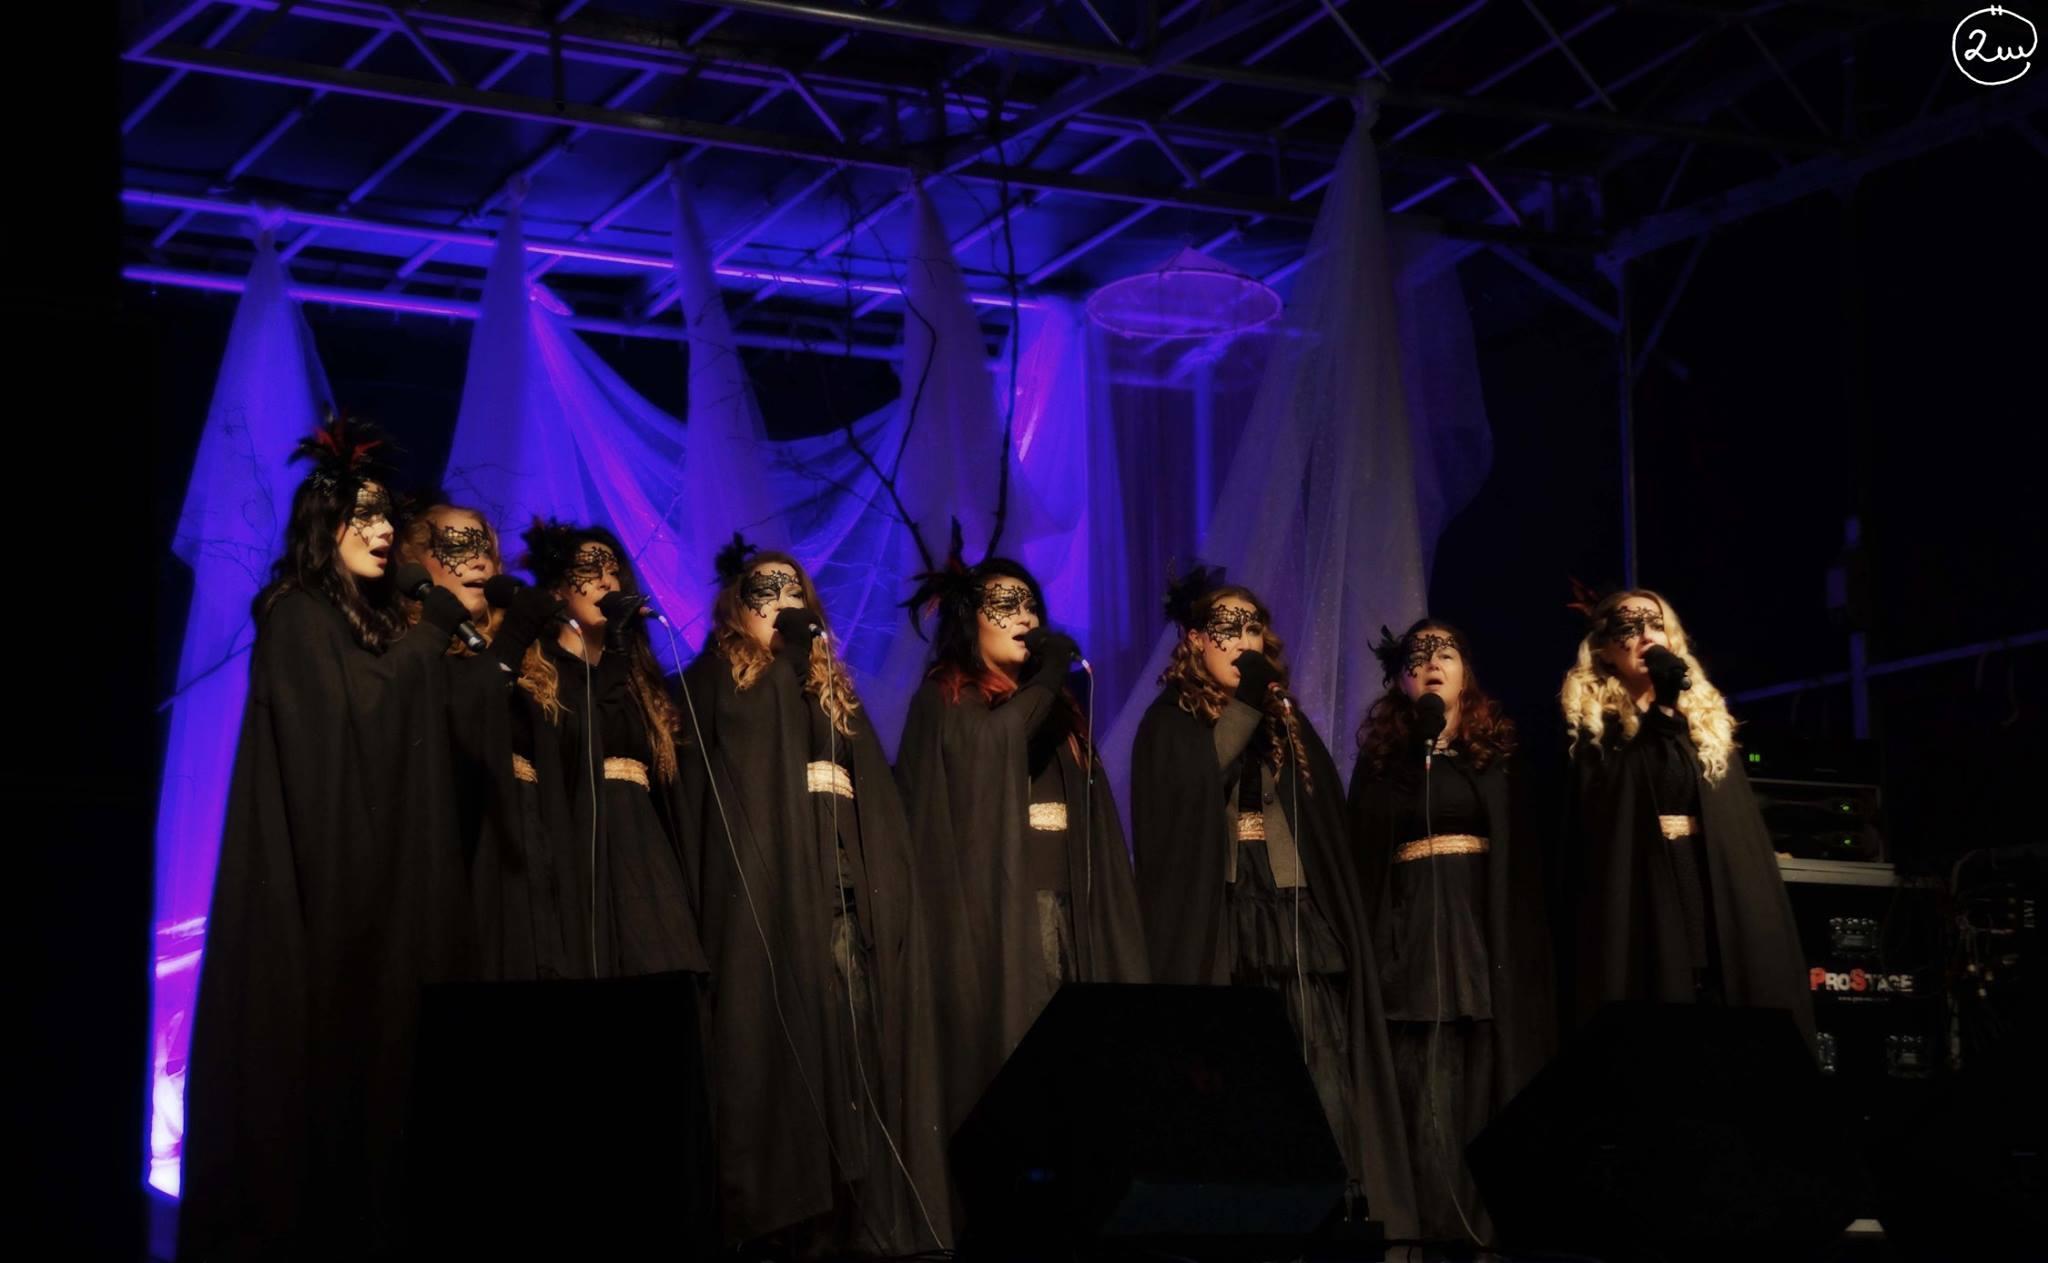 Vokalgruppen Dimmerar'yn uppträder med stämsång under showen. Foto:Stephanie & Ulrika Örjas, 2Witches Photo